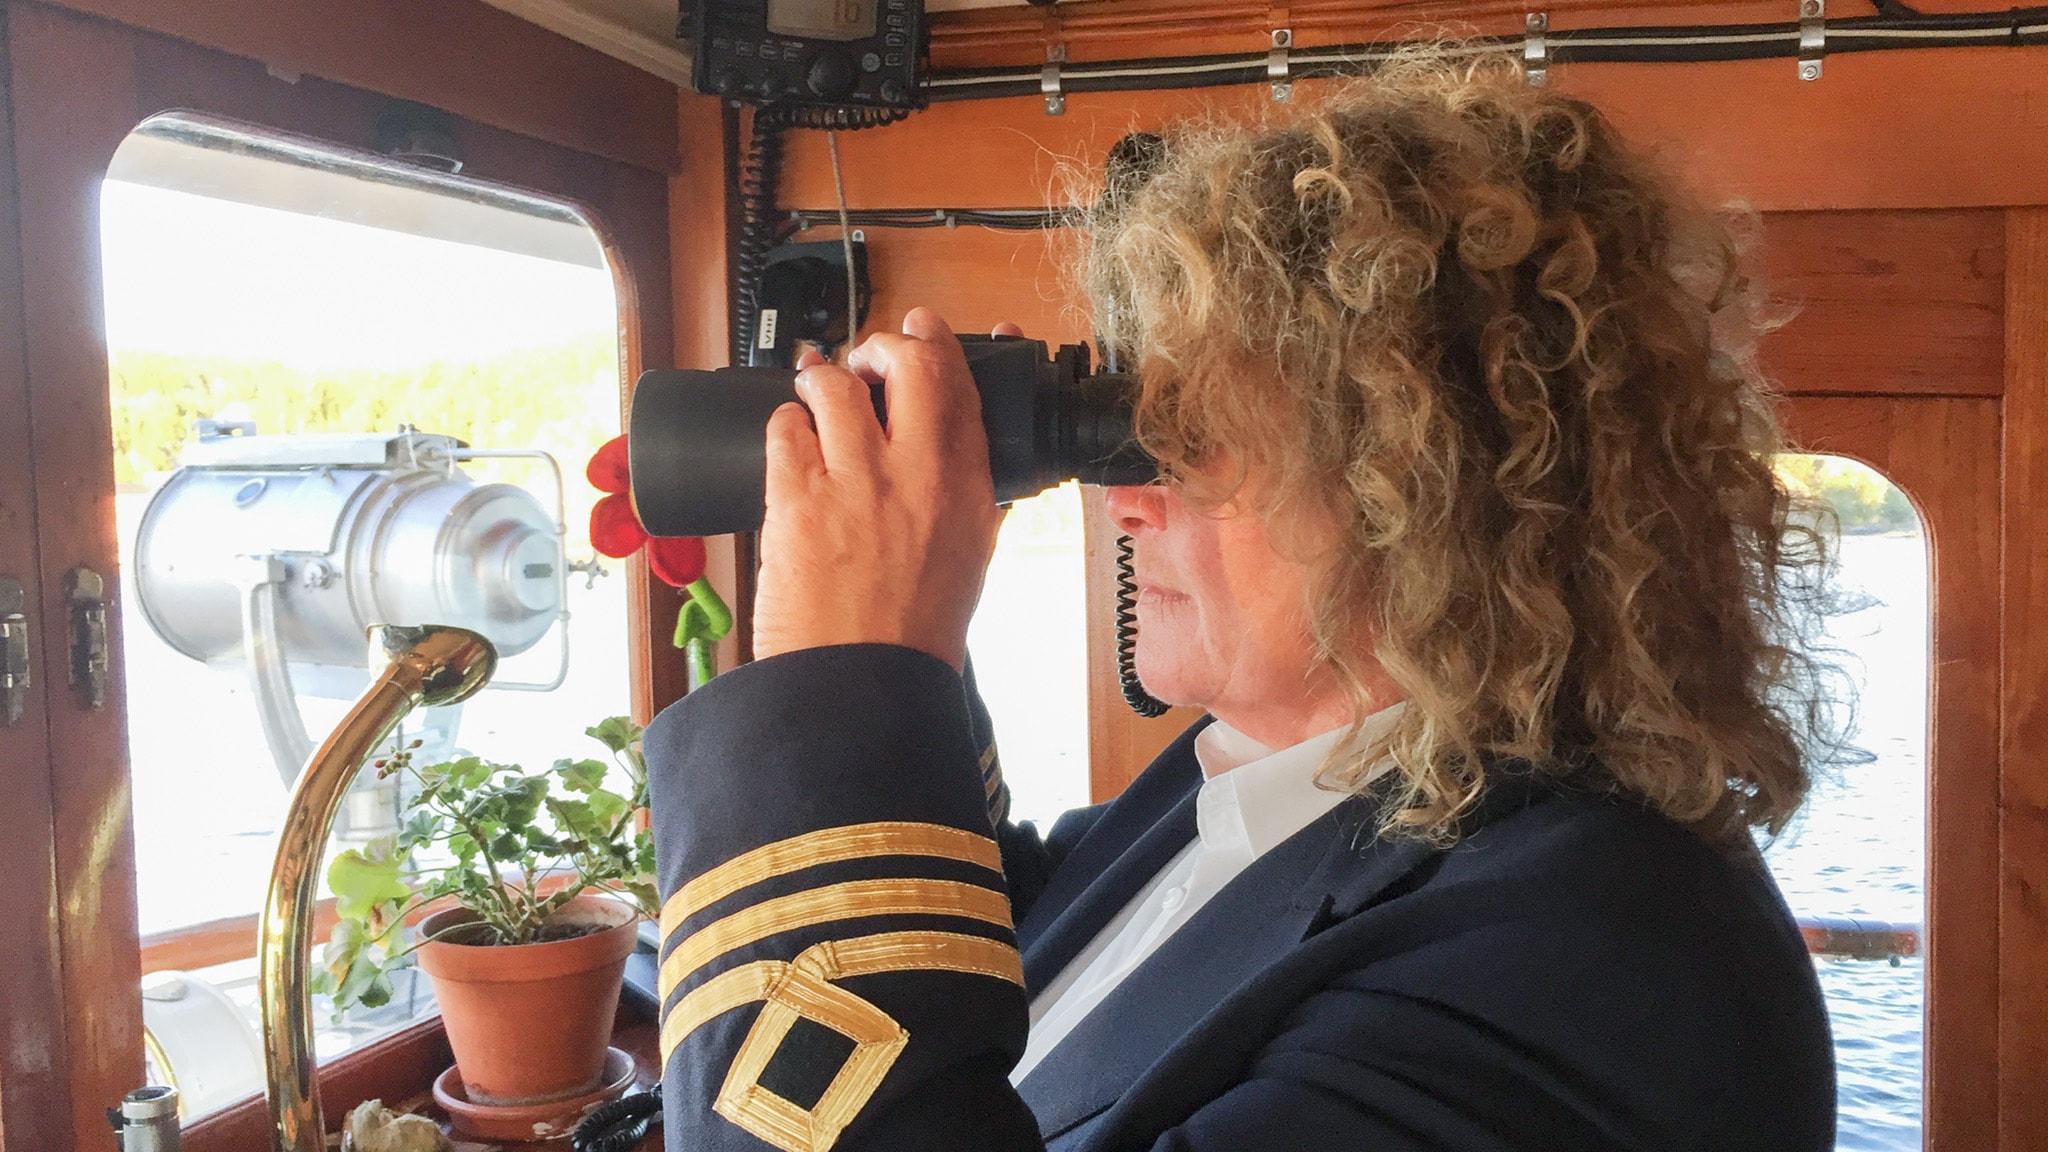 Ibland mulnar Kapten Sol - Del 2 i serien Svenska sjömän